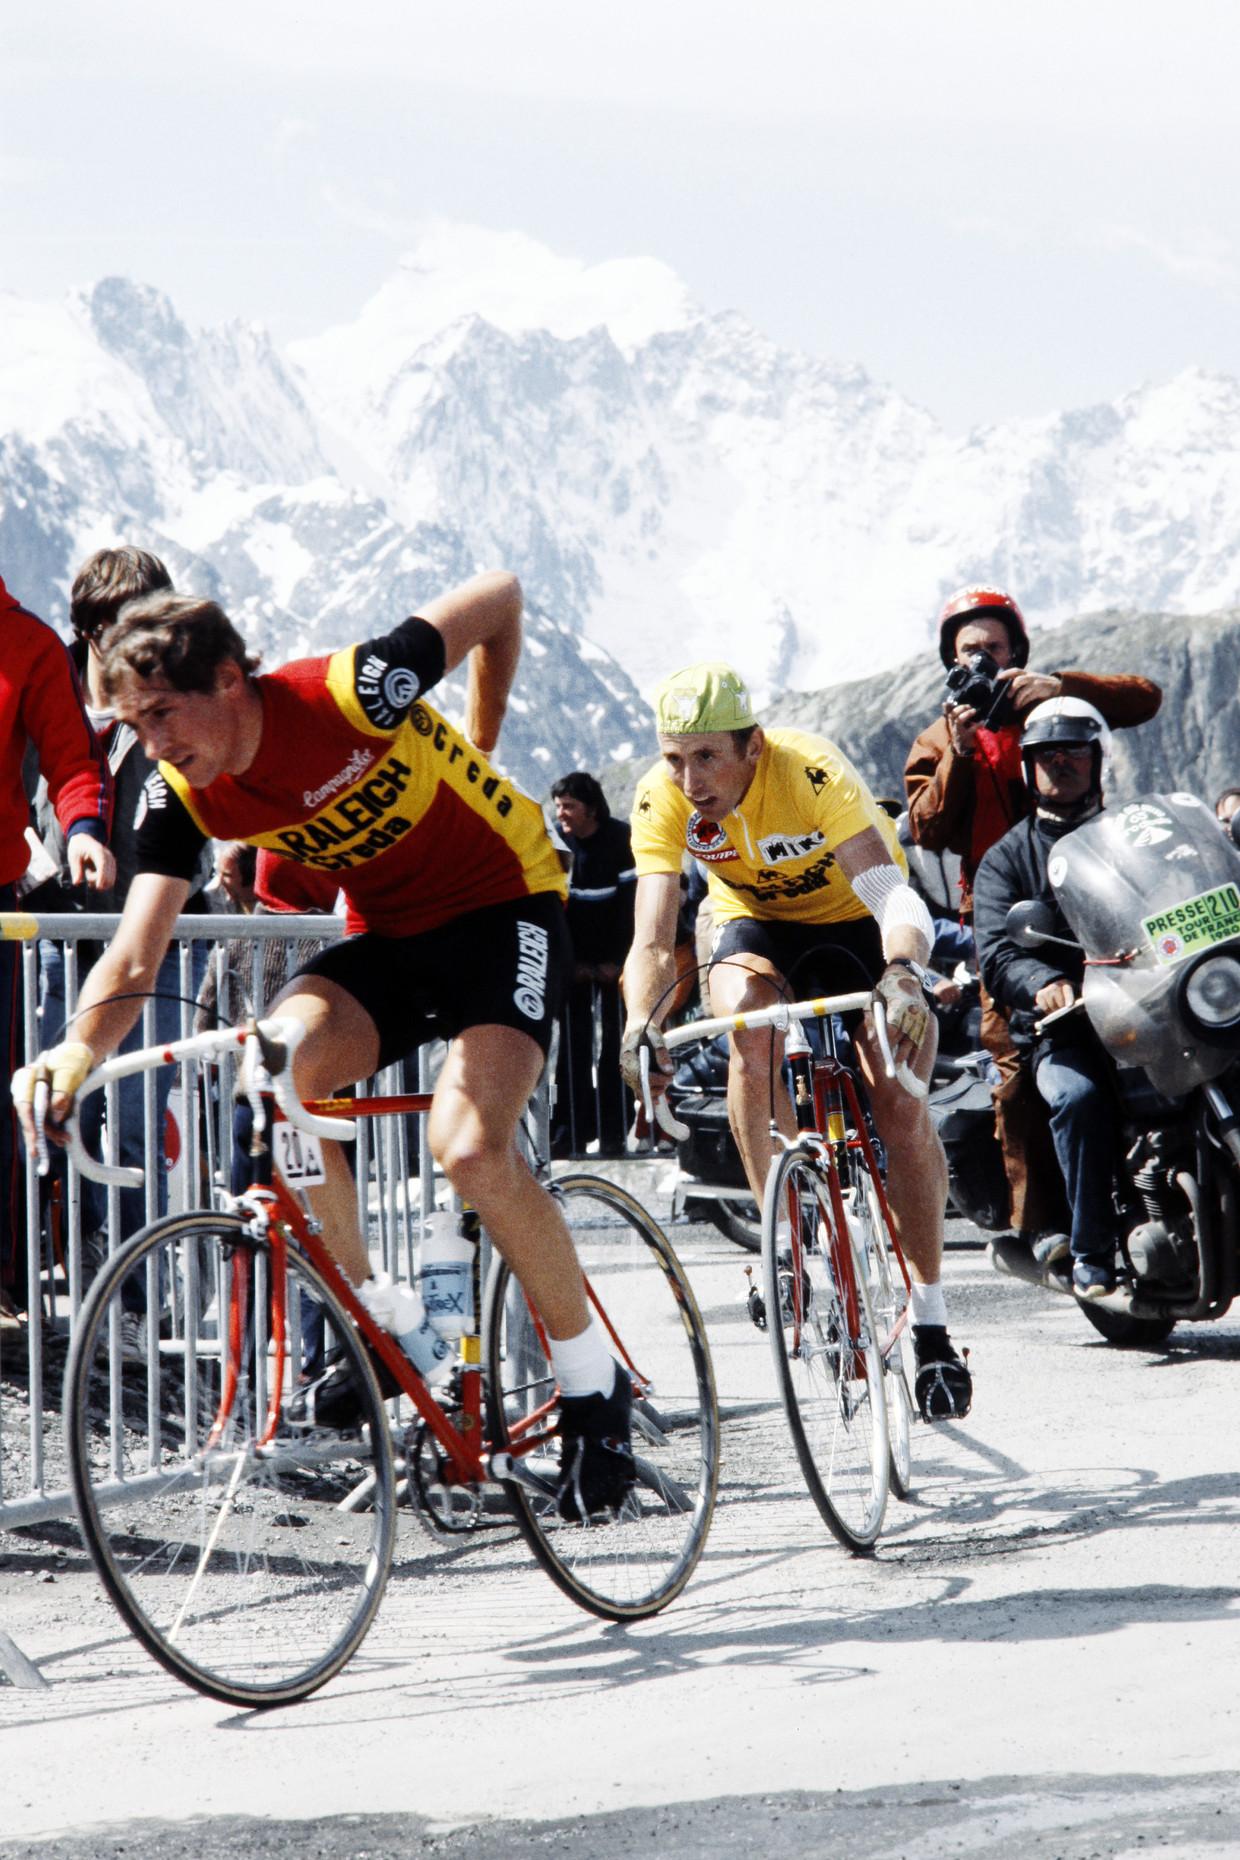 De 17de etappe van de Tour van '80, de rit na de val. Joop Zoetemelk rijdt in het geel, zijn arm in het verband. Beeld Hollandse Hoogte / AFP